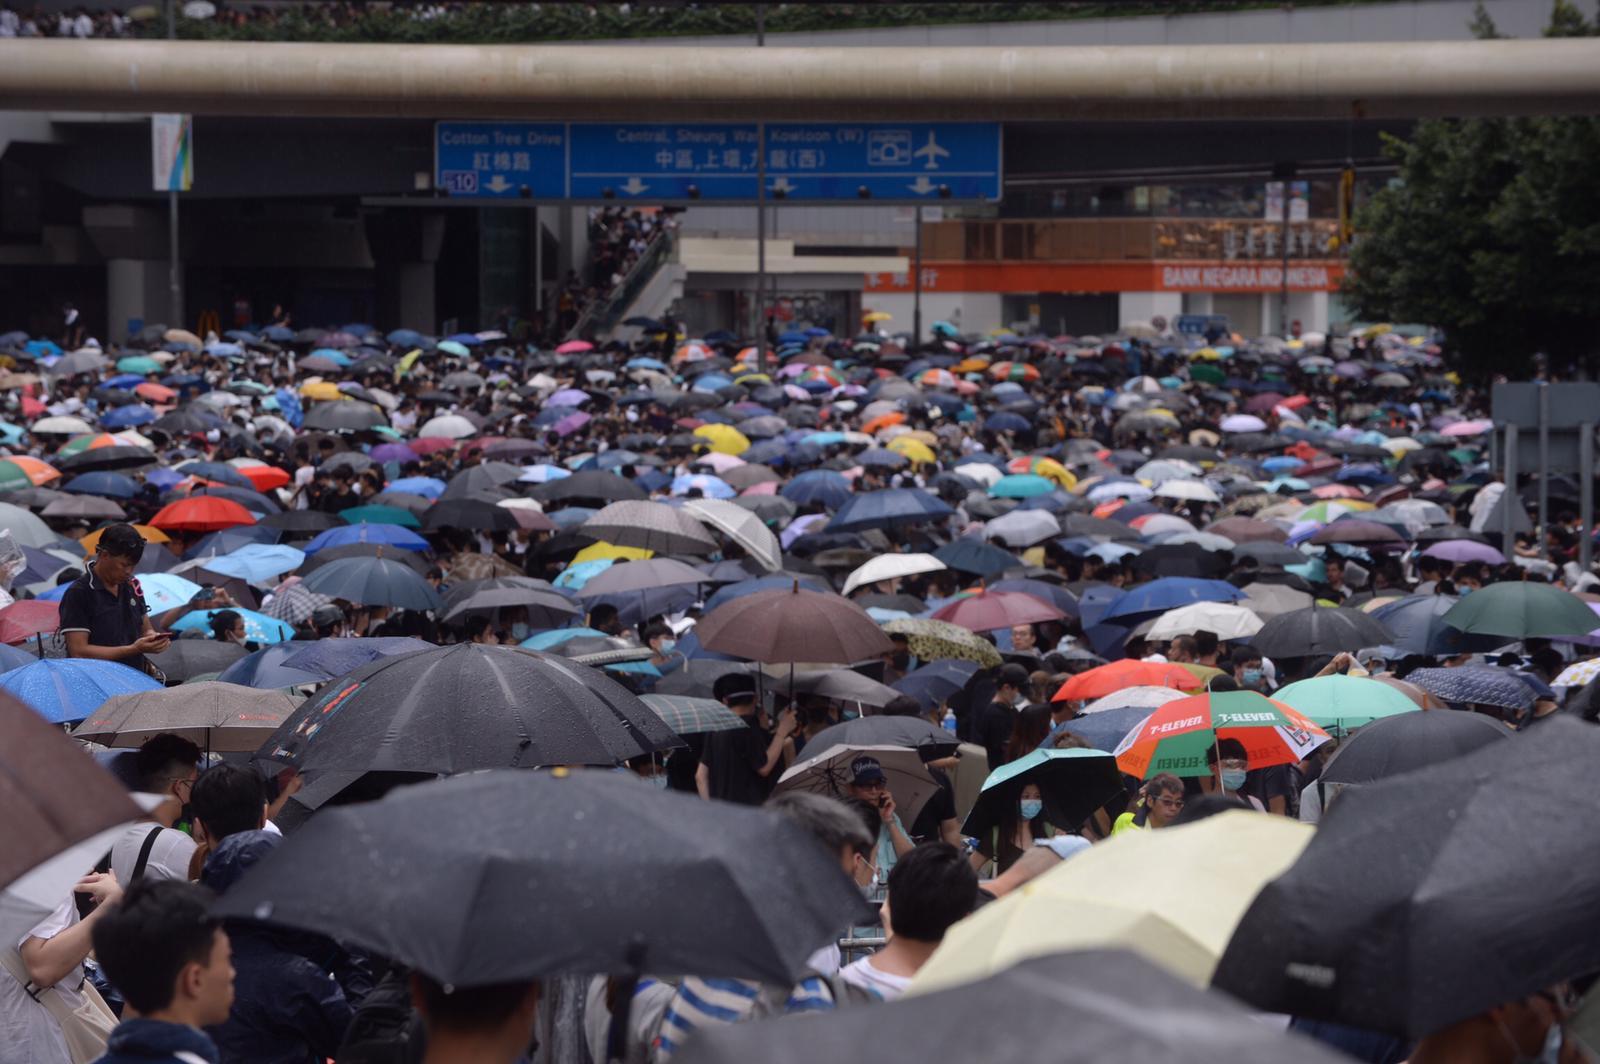 有反對修例的示威者早上衝出龍和道、夏慤道,佔領馬路。